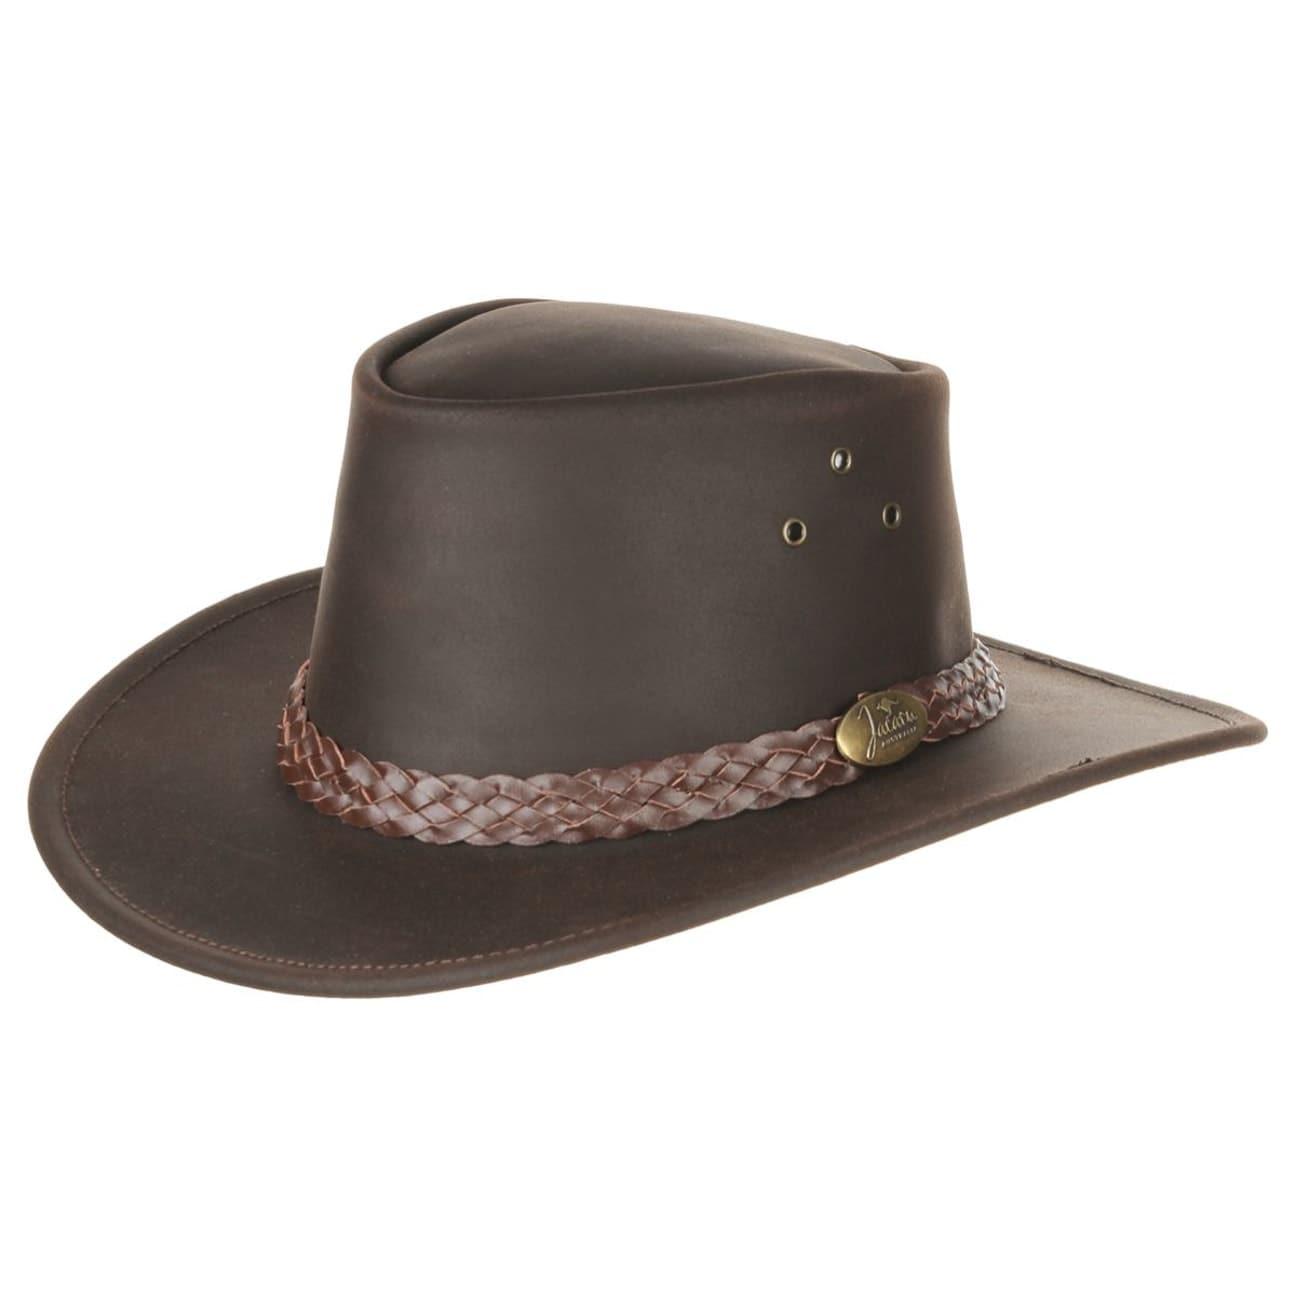 Sombrero de Piel Wallaroo Oil by Jacaru - Sombreros - sombreroshop.es d14c598a8f7